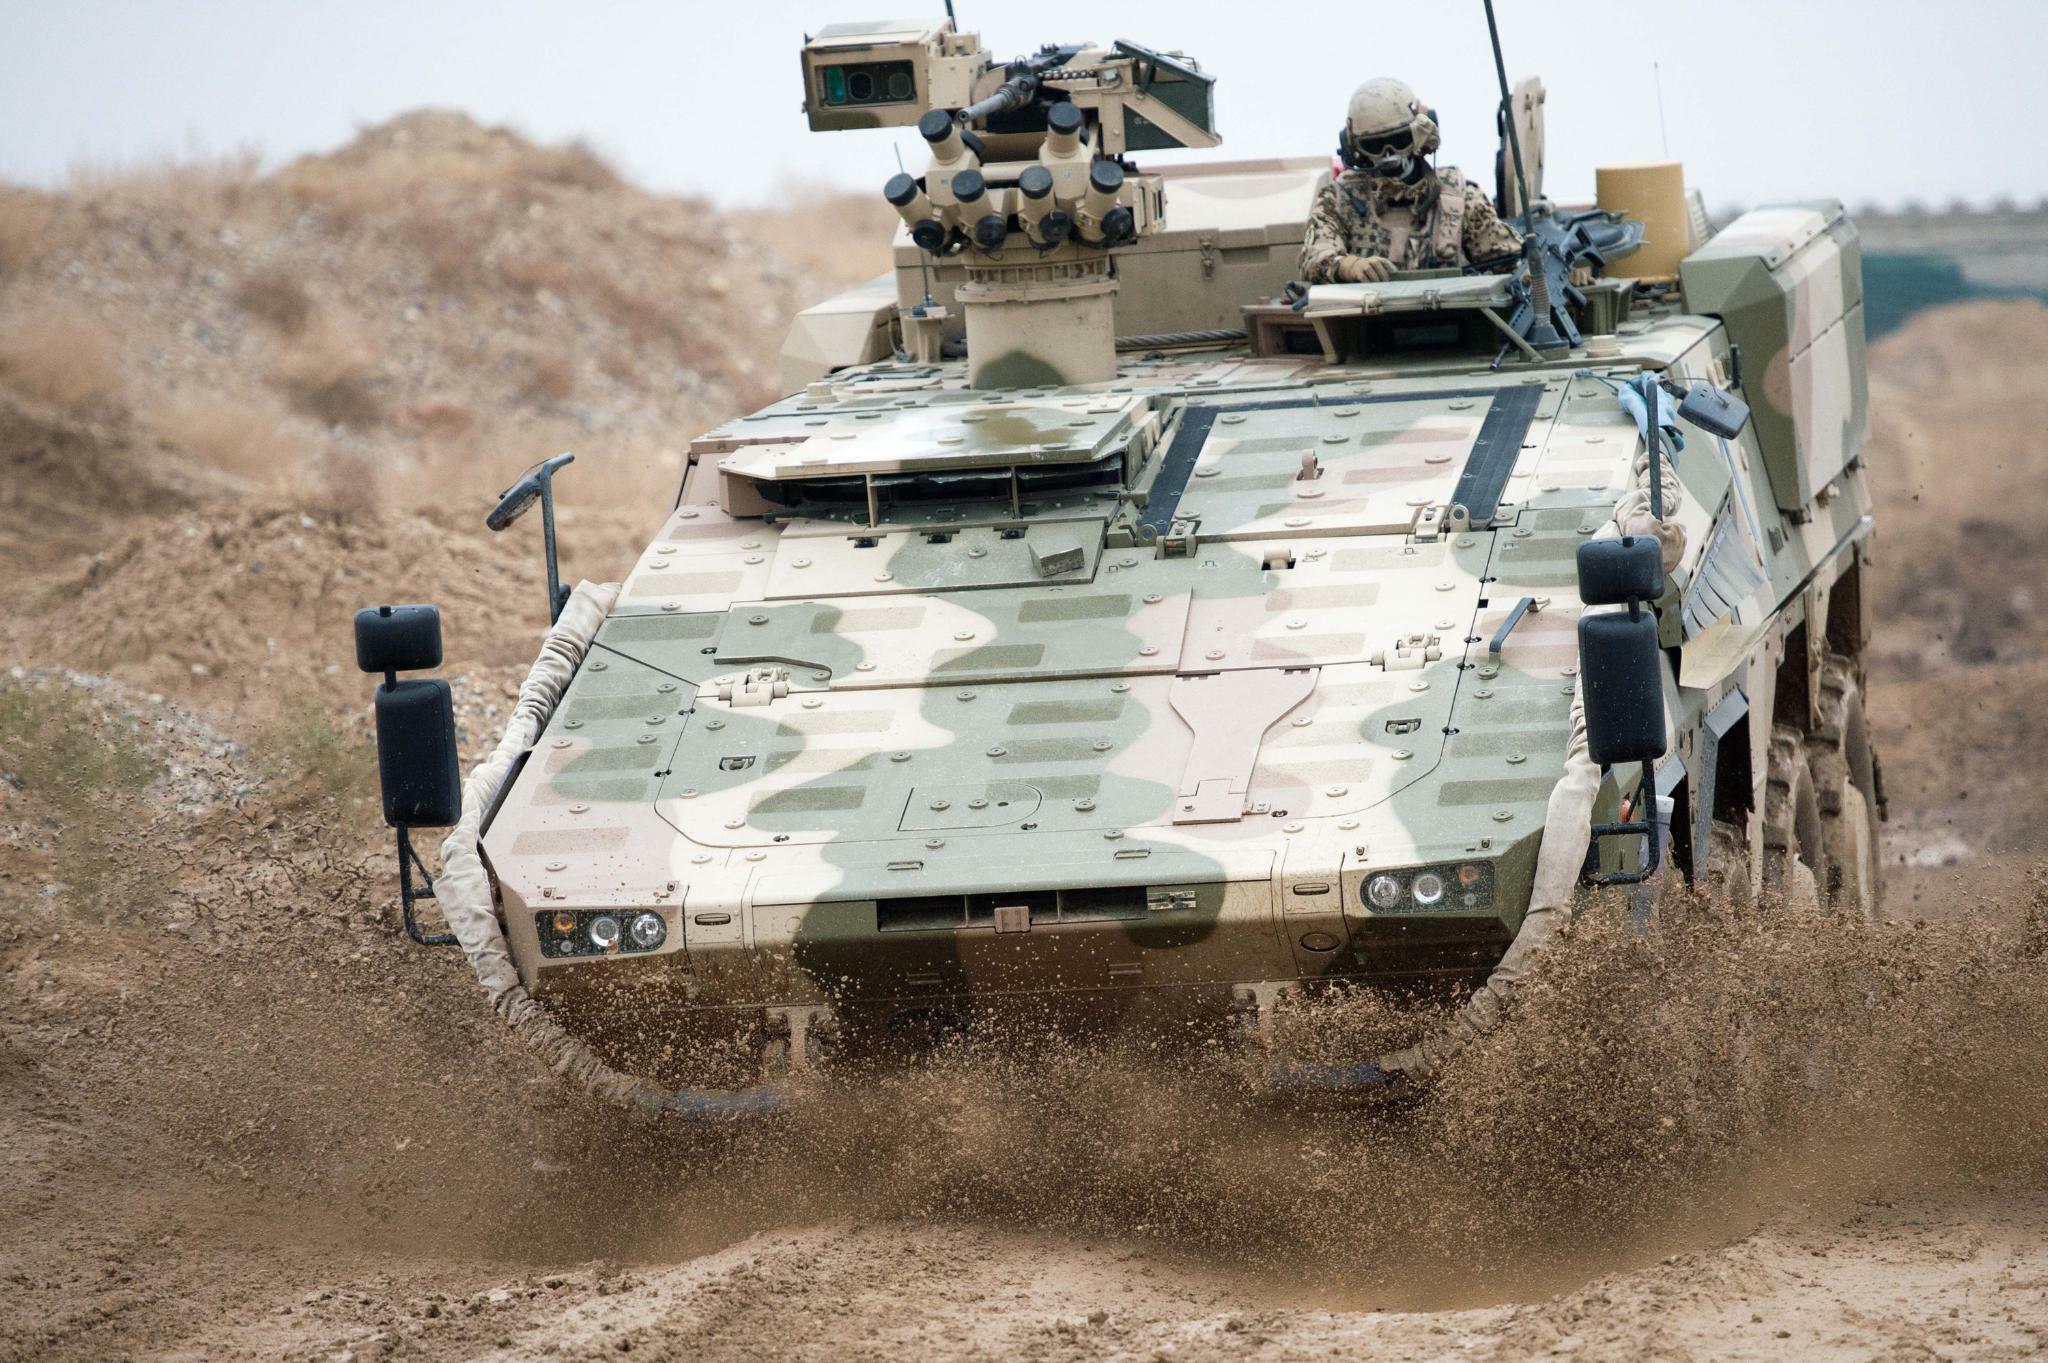 Rüstungskonzerne: Großbritannien ordert Panzer bei Rheinmetall und KMW für 2,6 Milliarden Euro